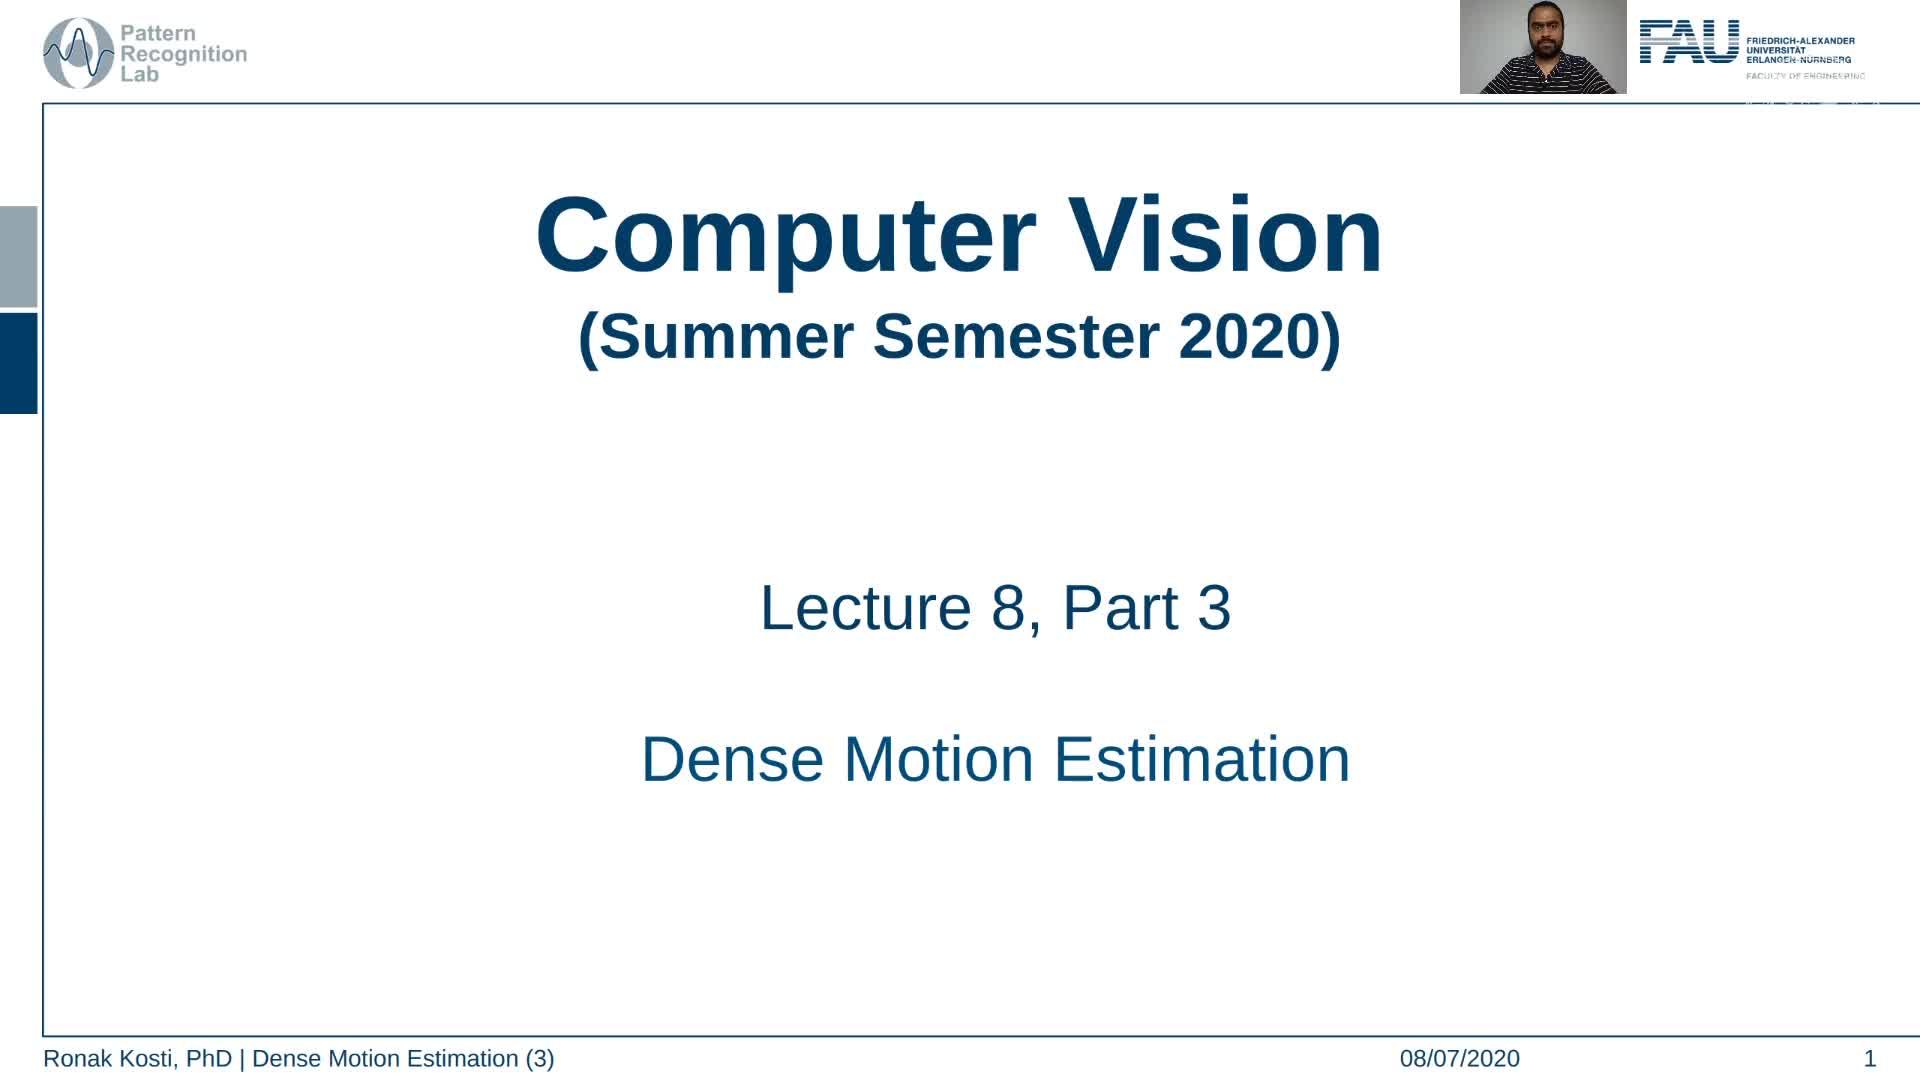 Dense Motion Estimation (Lecture 8, Part 3) preview image